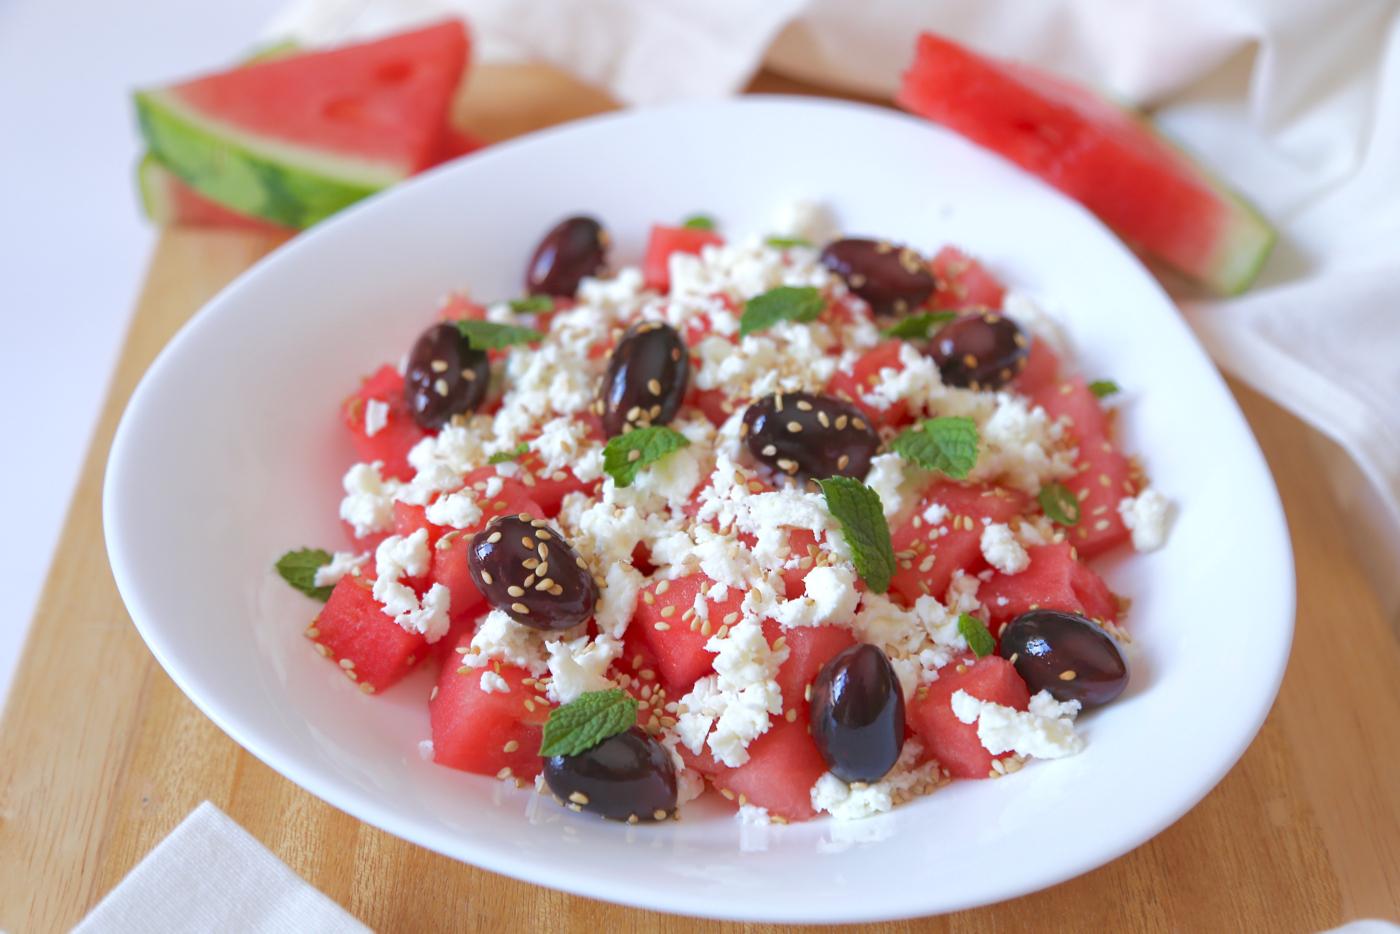 salade-pasteque-feta-3